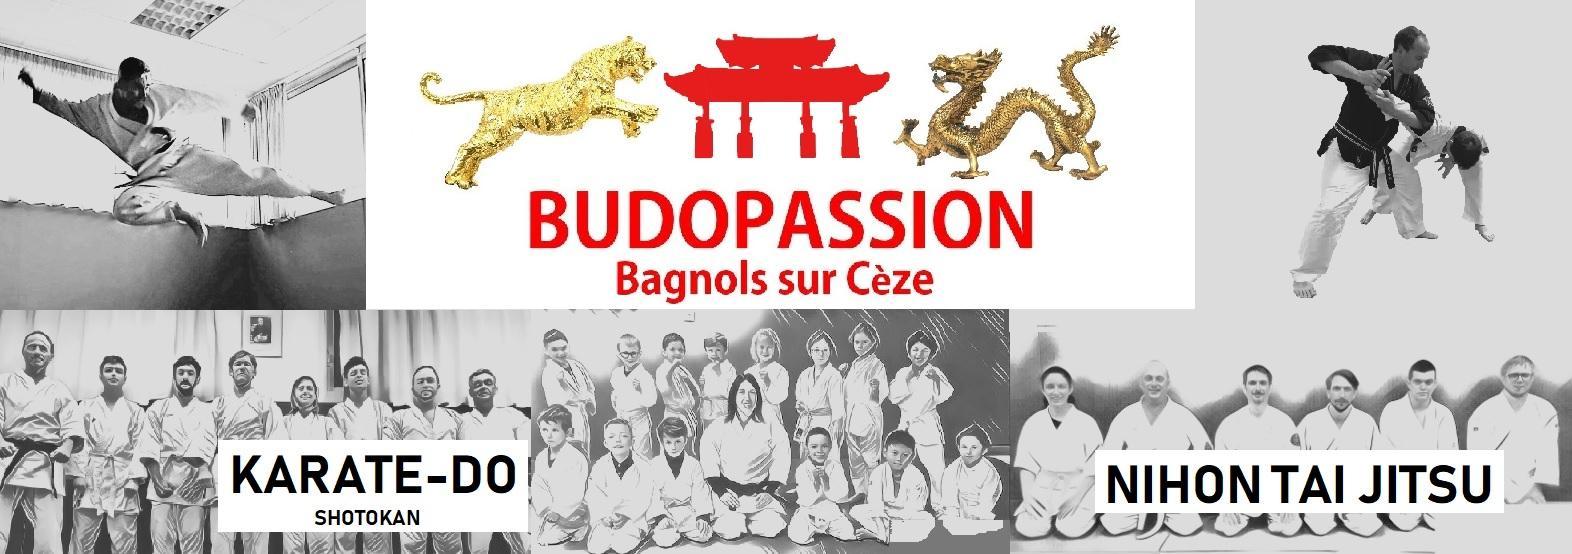 sport_judo